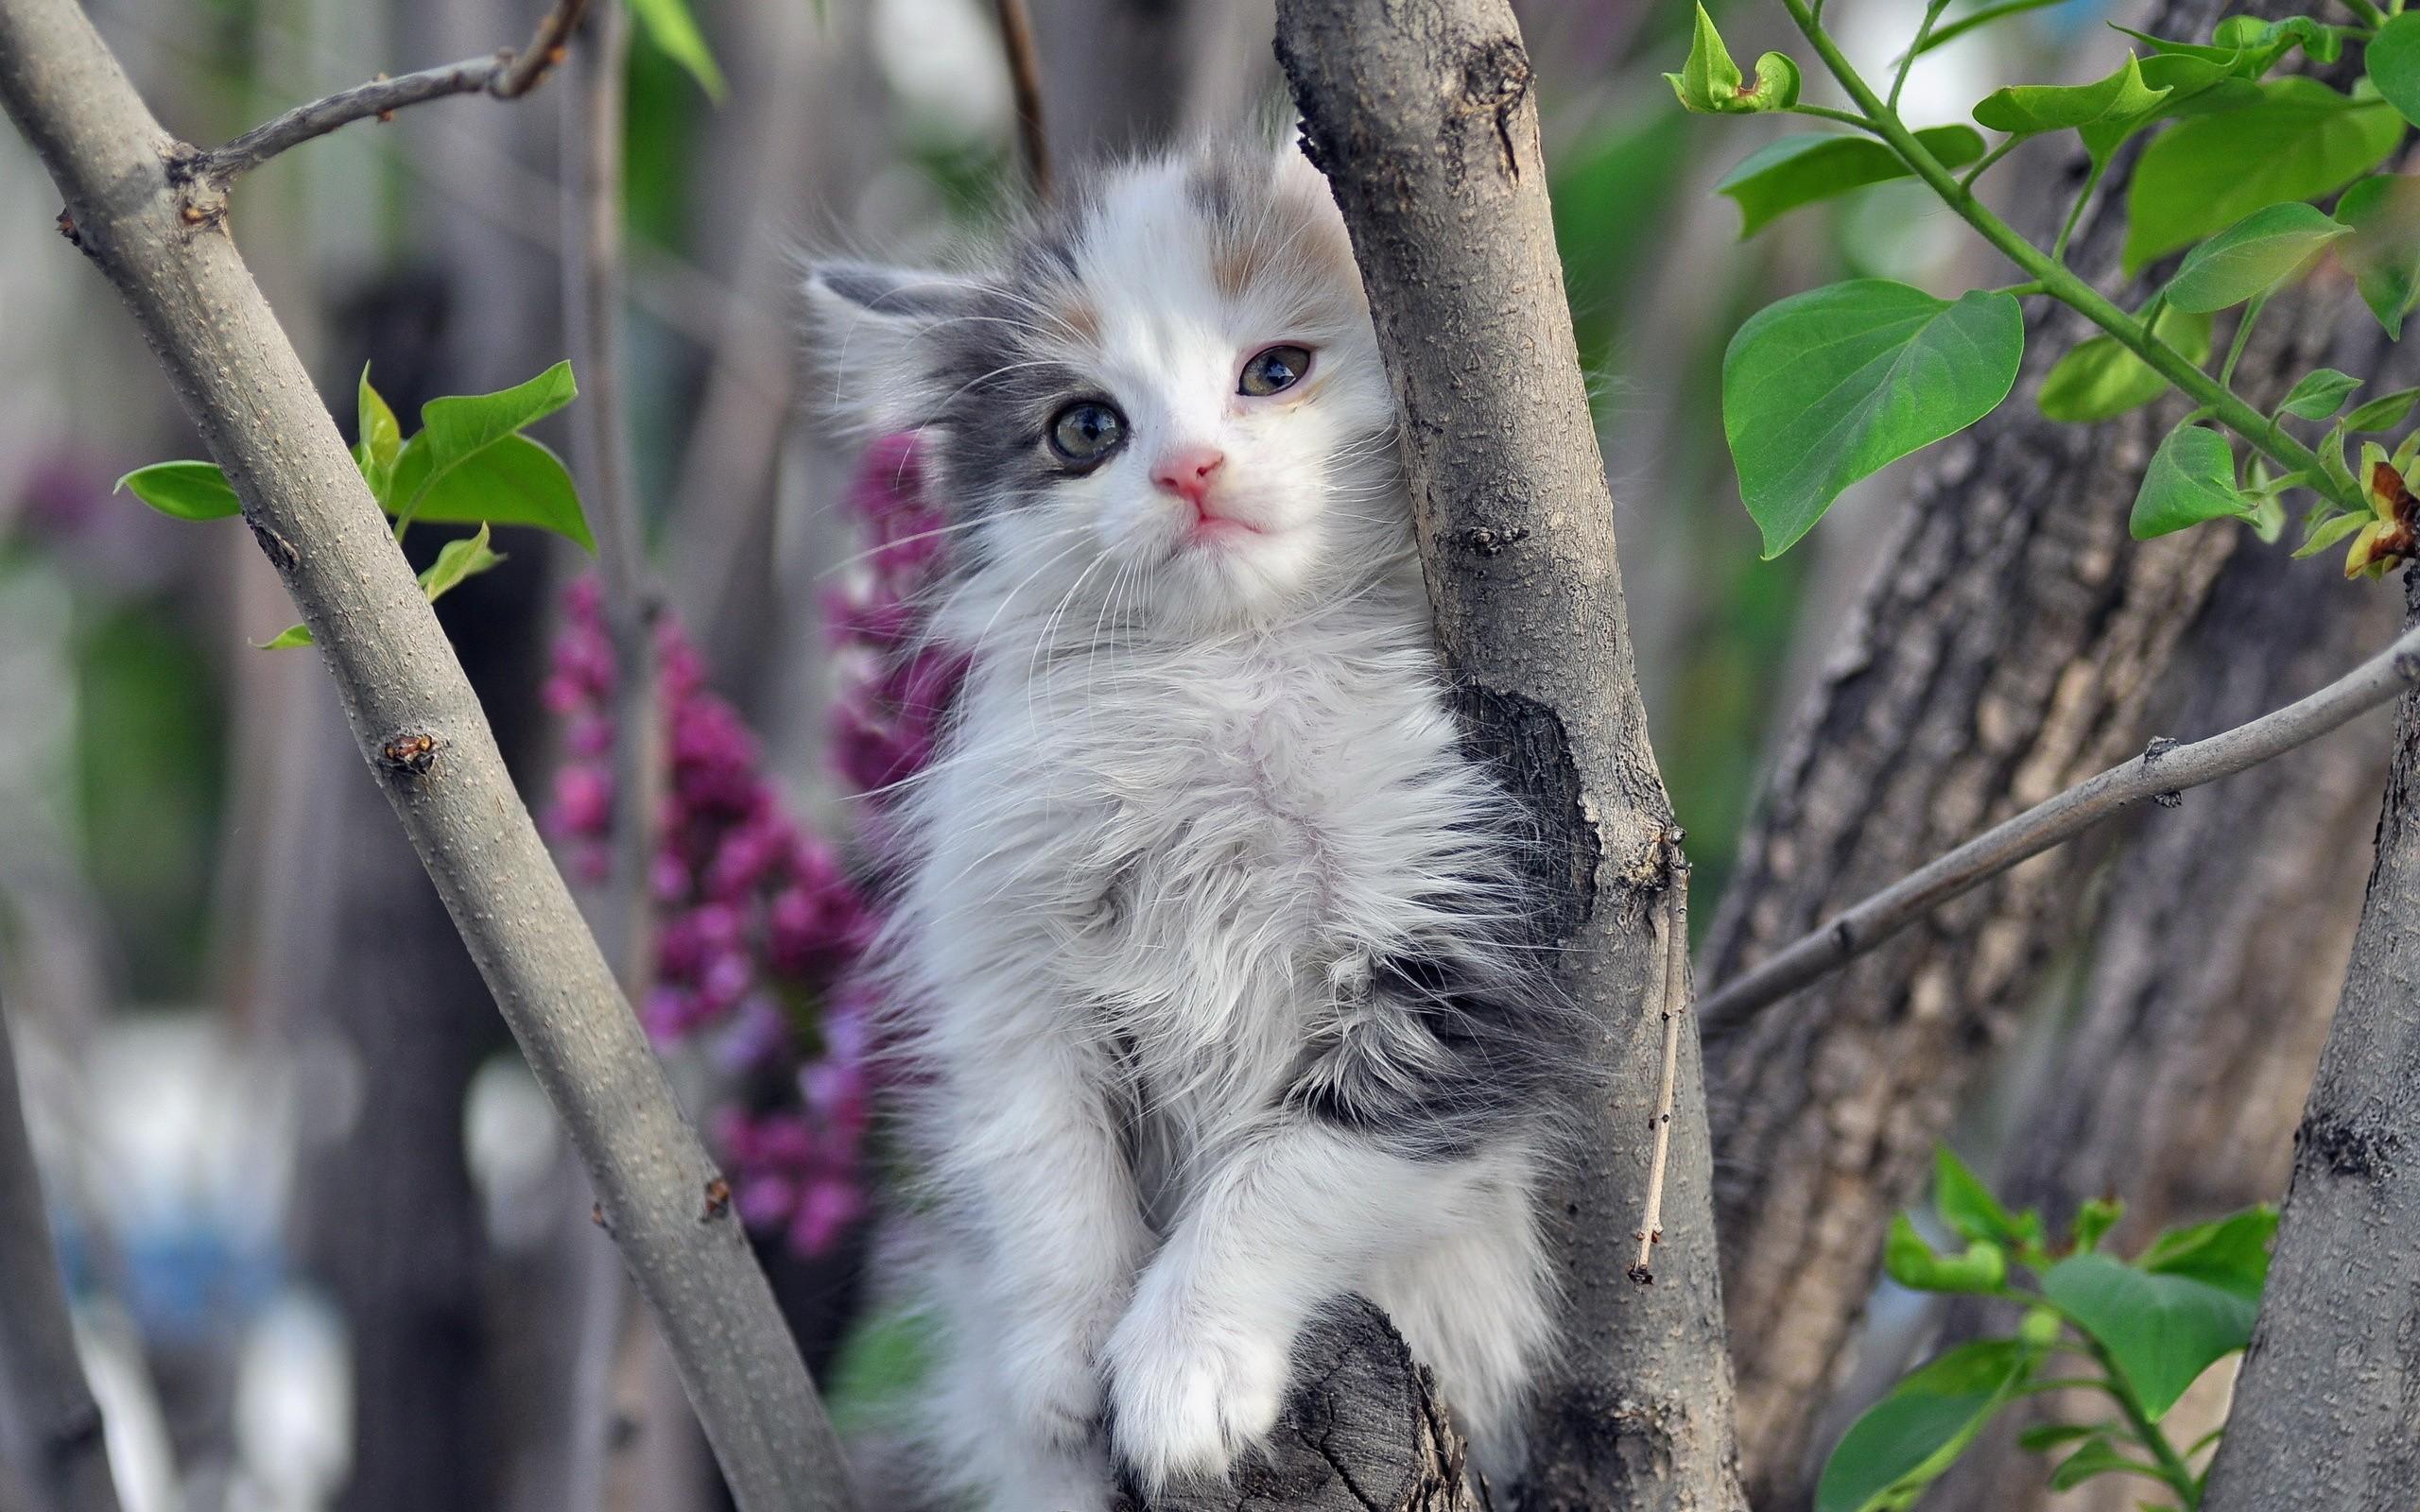 Lindo gatito - 2560x1600